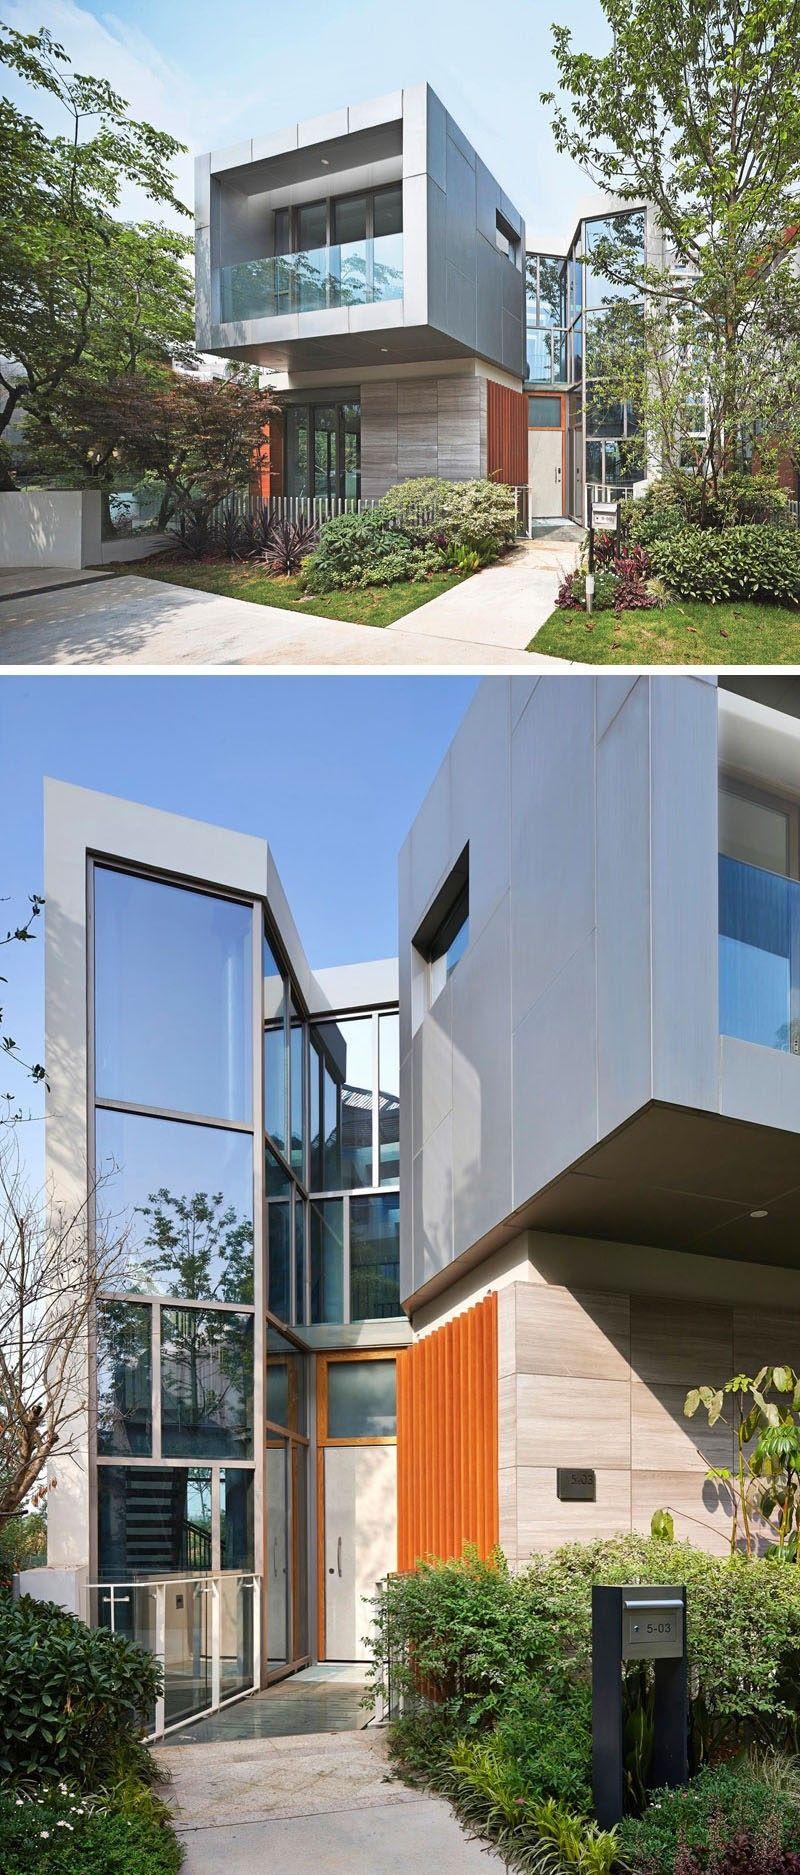 20 außen Bilder von A moderne Haus Entwicklung In China von John ...